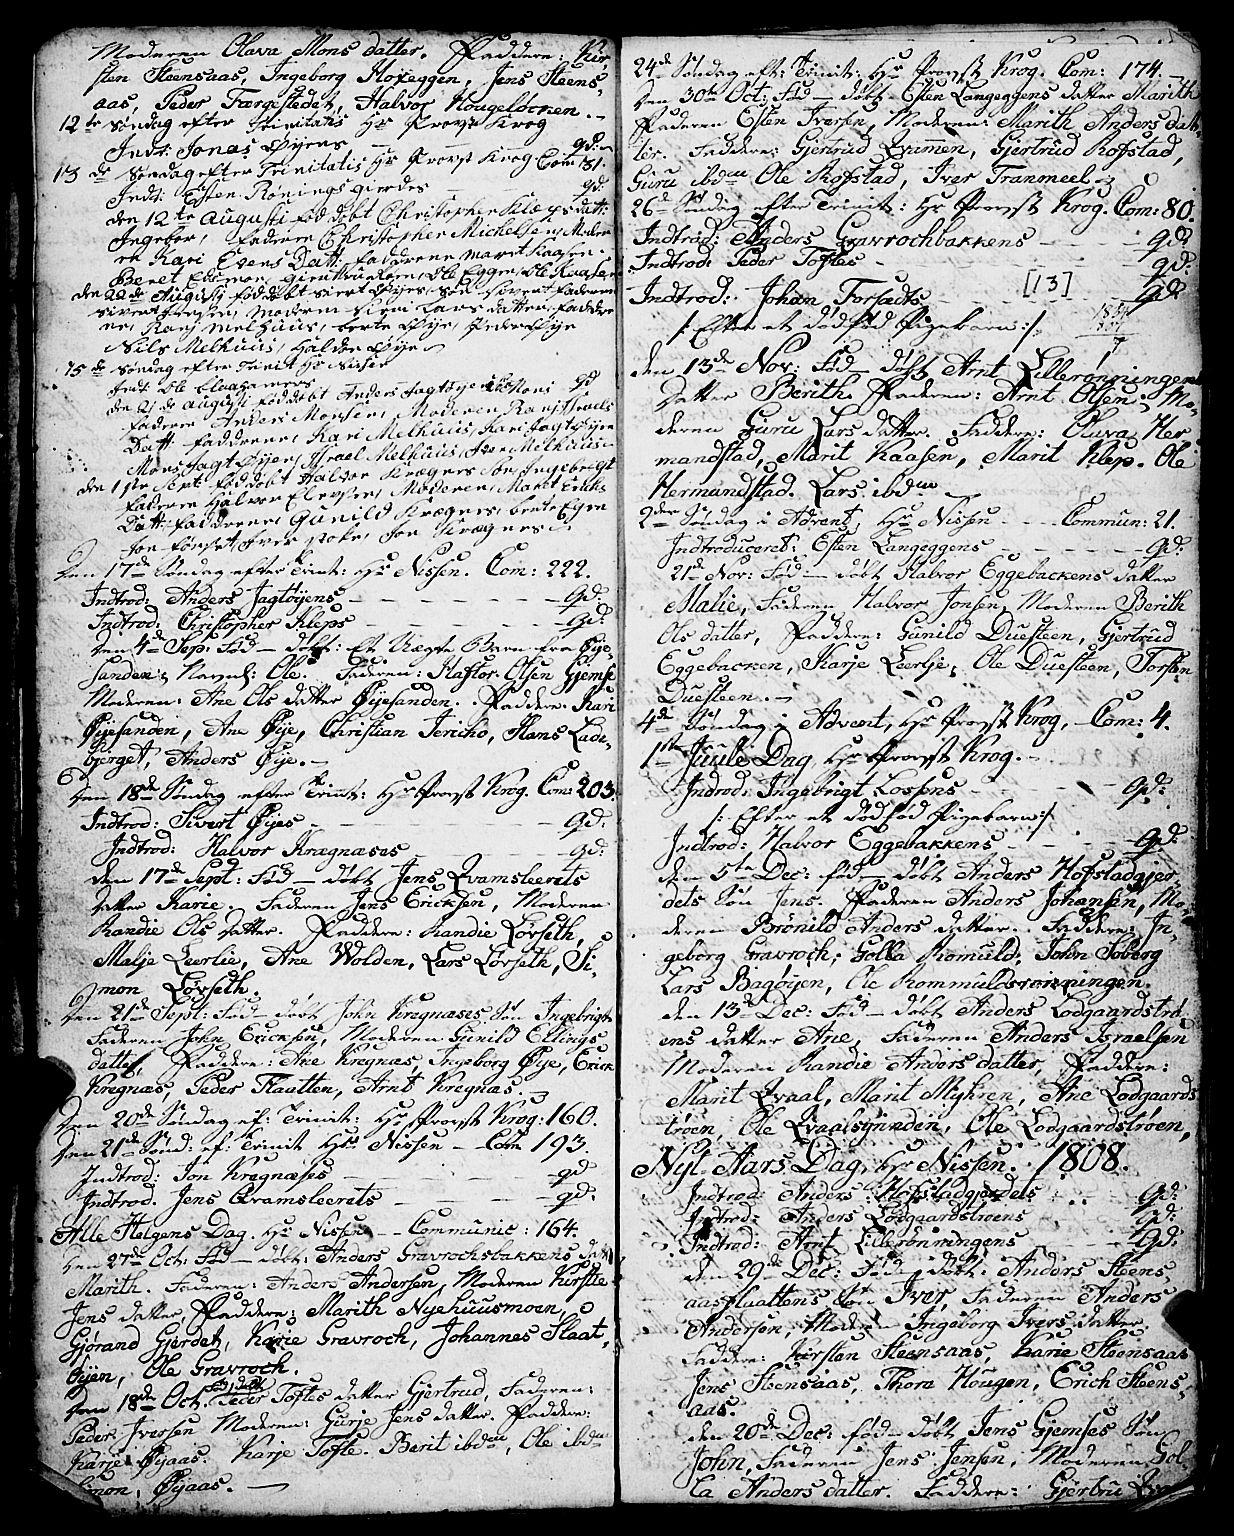 SAT, Ministerialprotokoller, klokkerbøker og fødselsregistre - Sør-Trøndelag, 691/L1091: Klokkerbok nr. 691C02, 1802-1815, s. 13